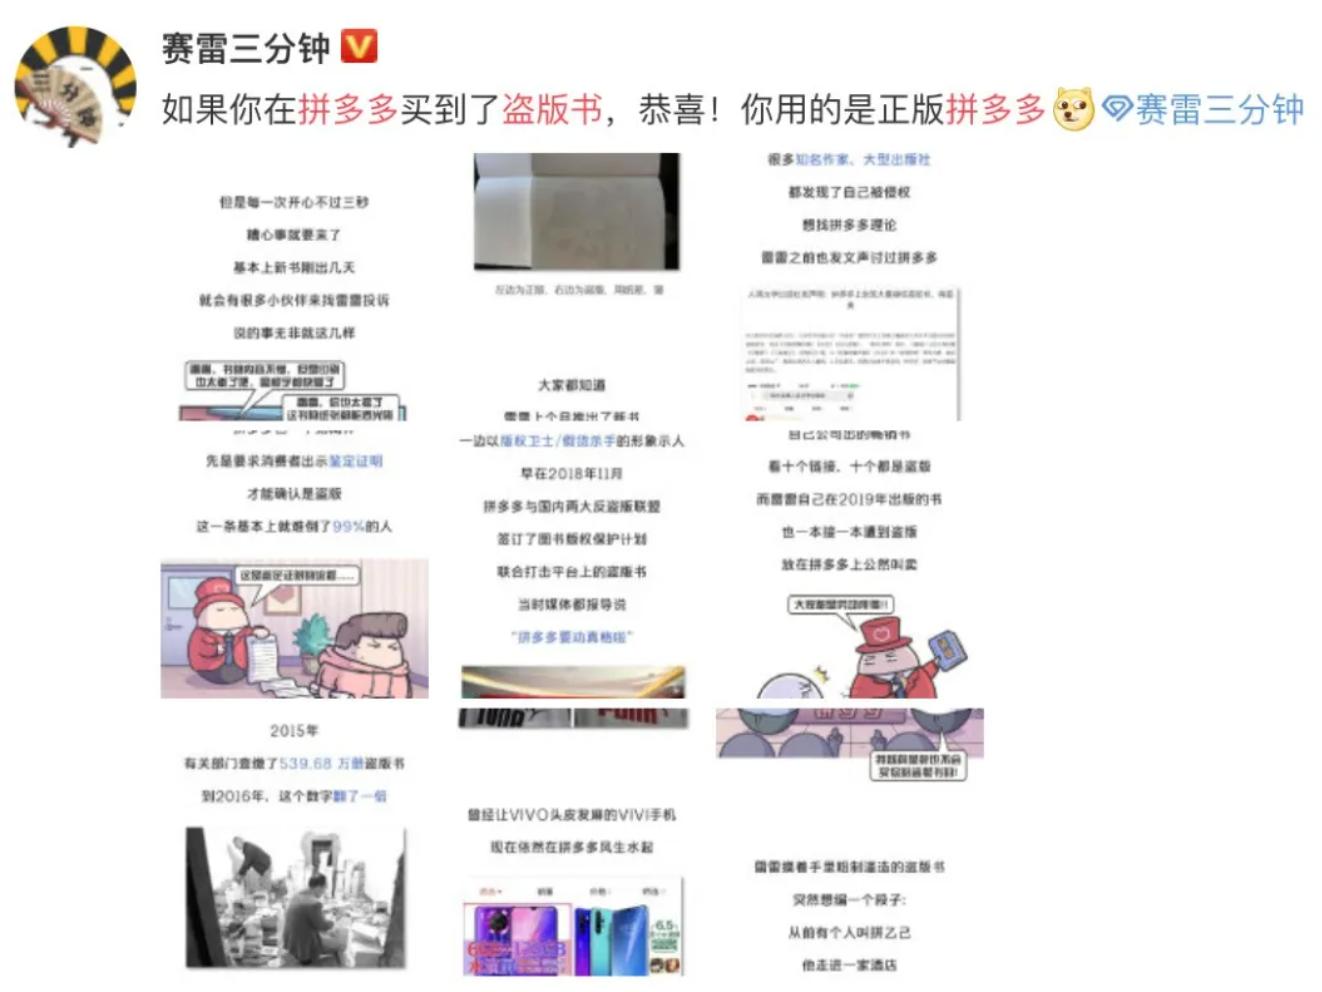 明目张胆地卖盗版,出版业还要忍多久?-出版人杂志官网